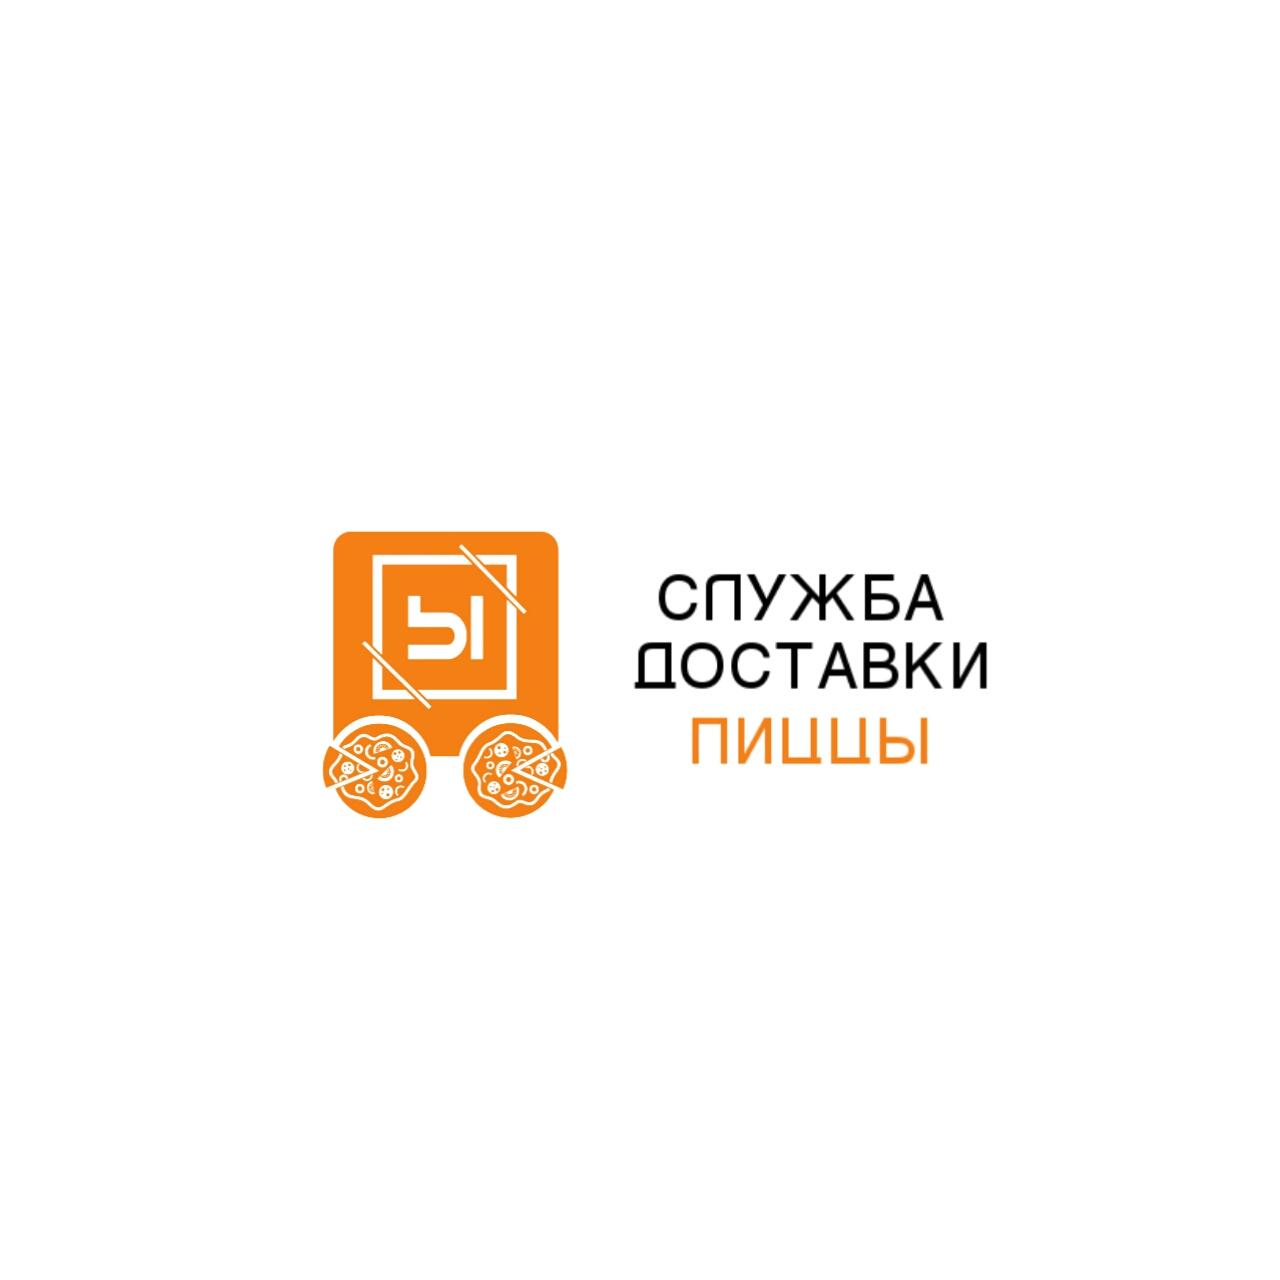 Разыскивается дизайнер для разработки лого службы доставки фото f_8295c3485ddee2d1.jpg